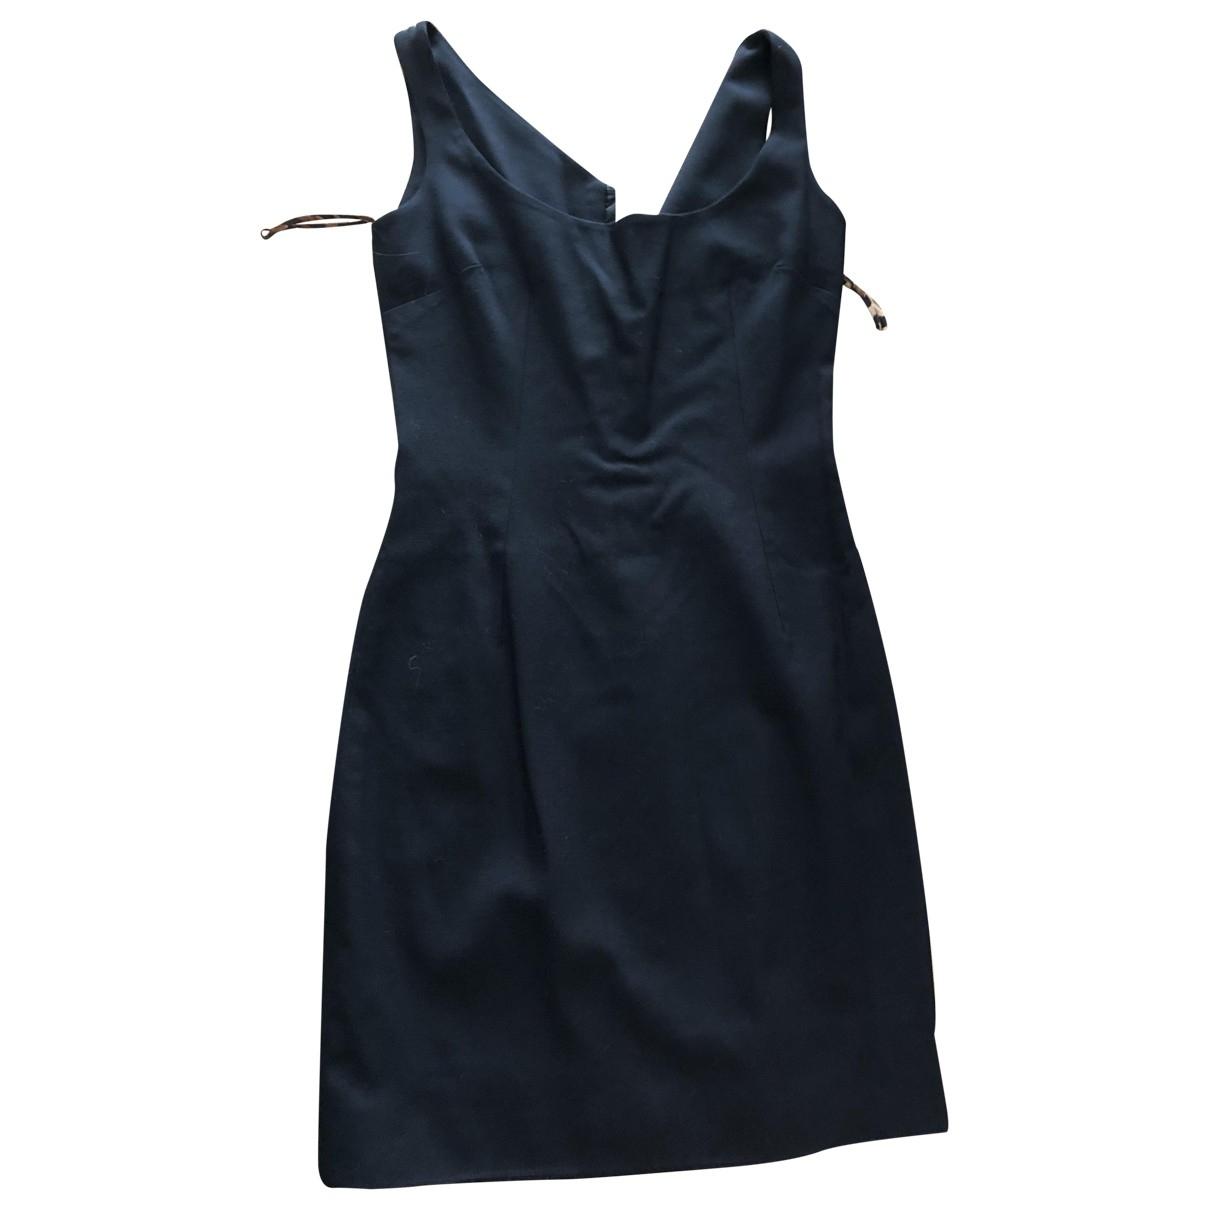 Dolce & Gabbana \N Kleid in  Schwarz Wolle